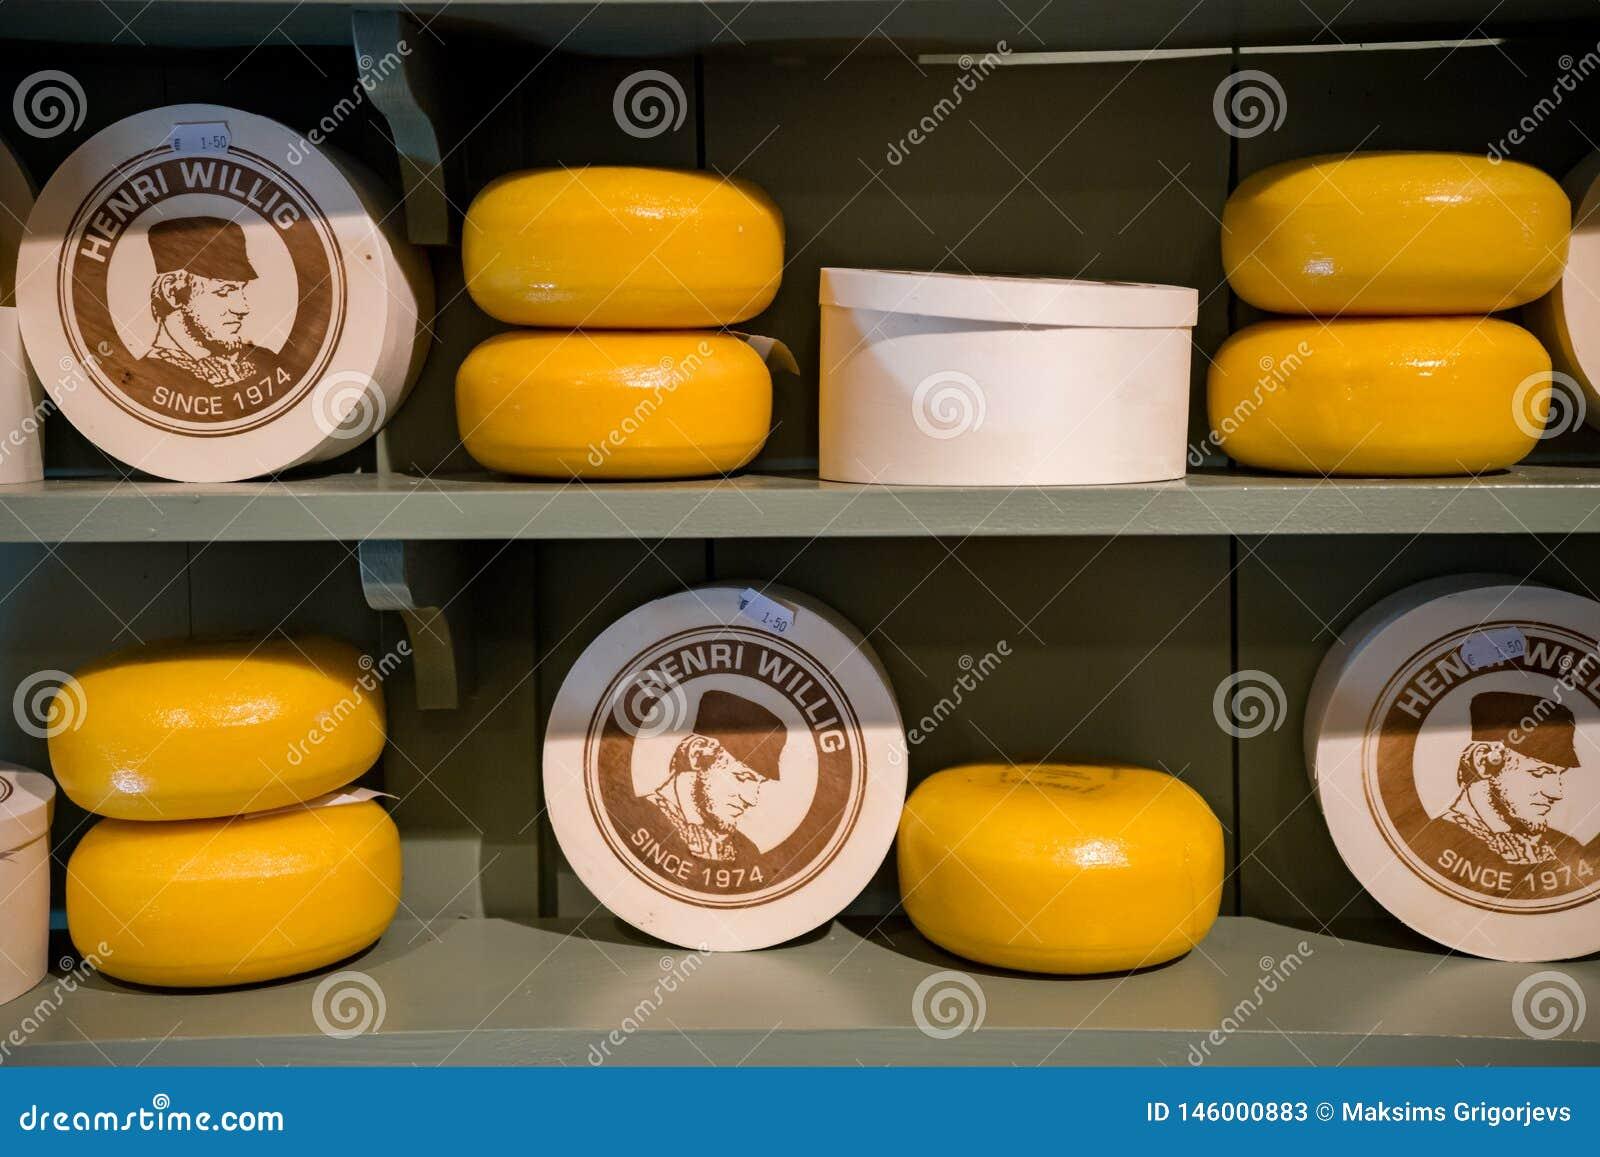 Teste del formaggio su esposizione nel deposito di Henry Willig, fuoco selettivo, Paesi Bassi, il 12 ottobre 2017